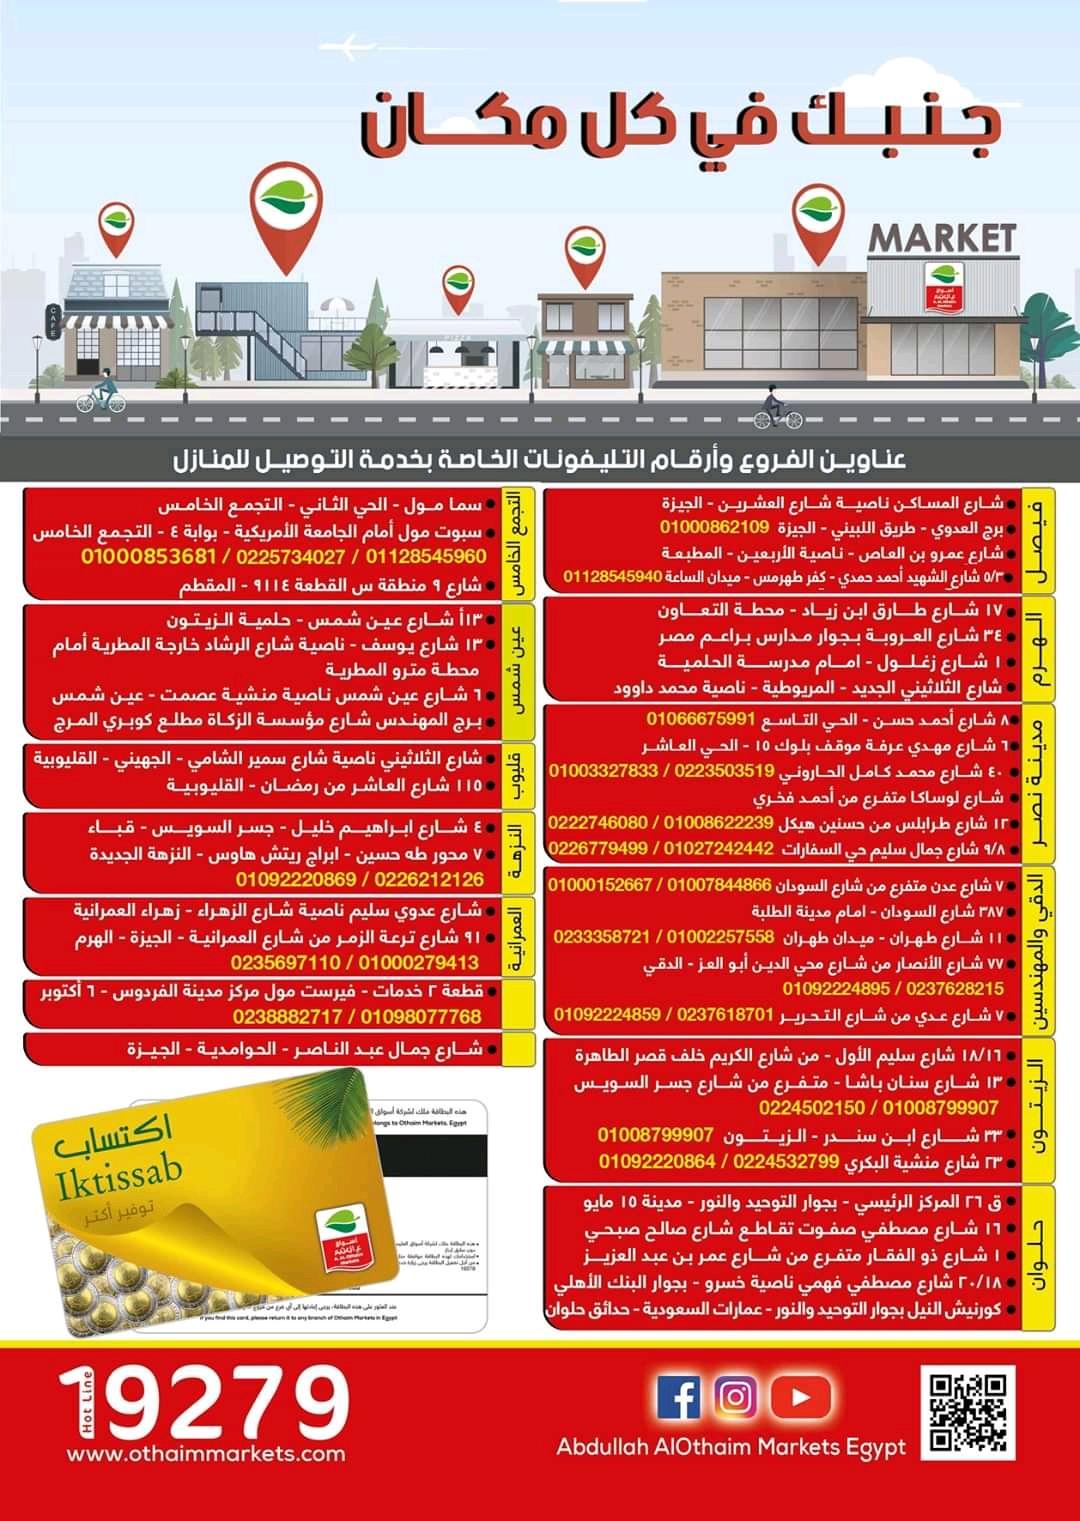 عروض العثيم مصر من 1 اكتوبر حتى 15 اكتوبر 2020 راجعين للمدرسة